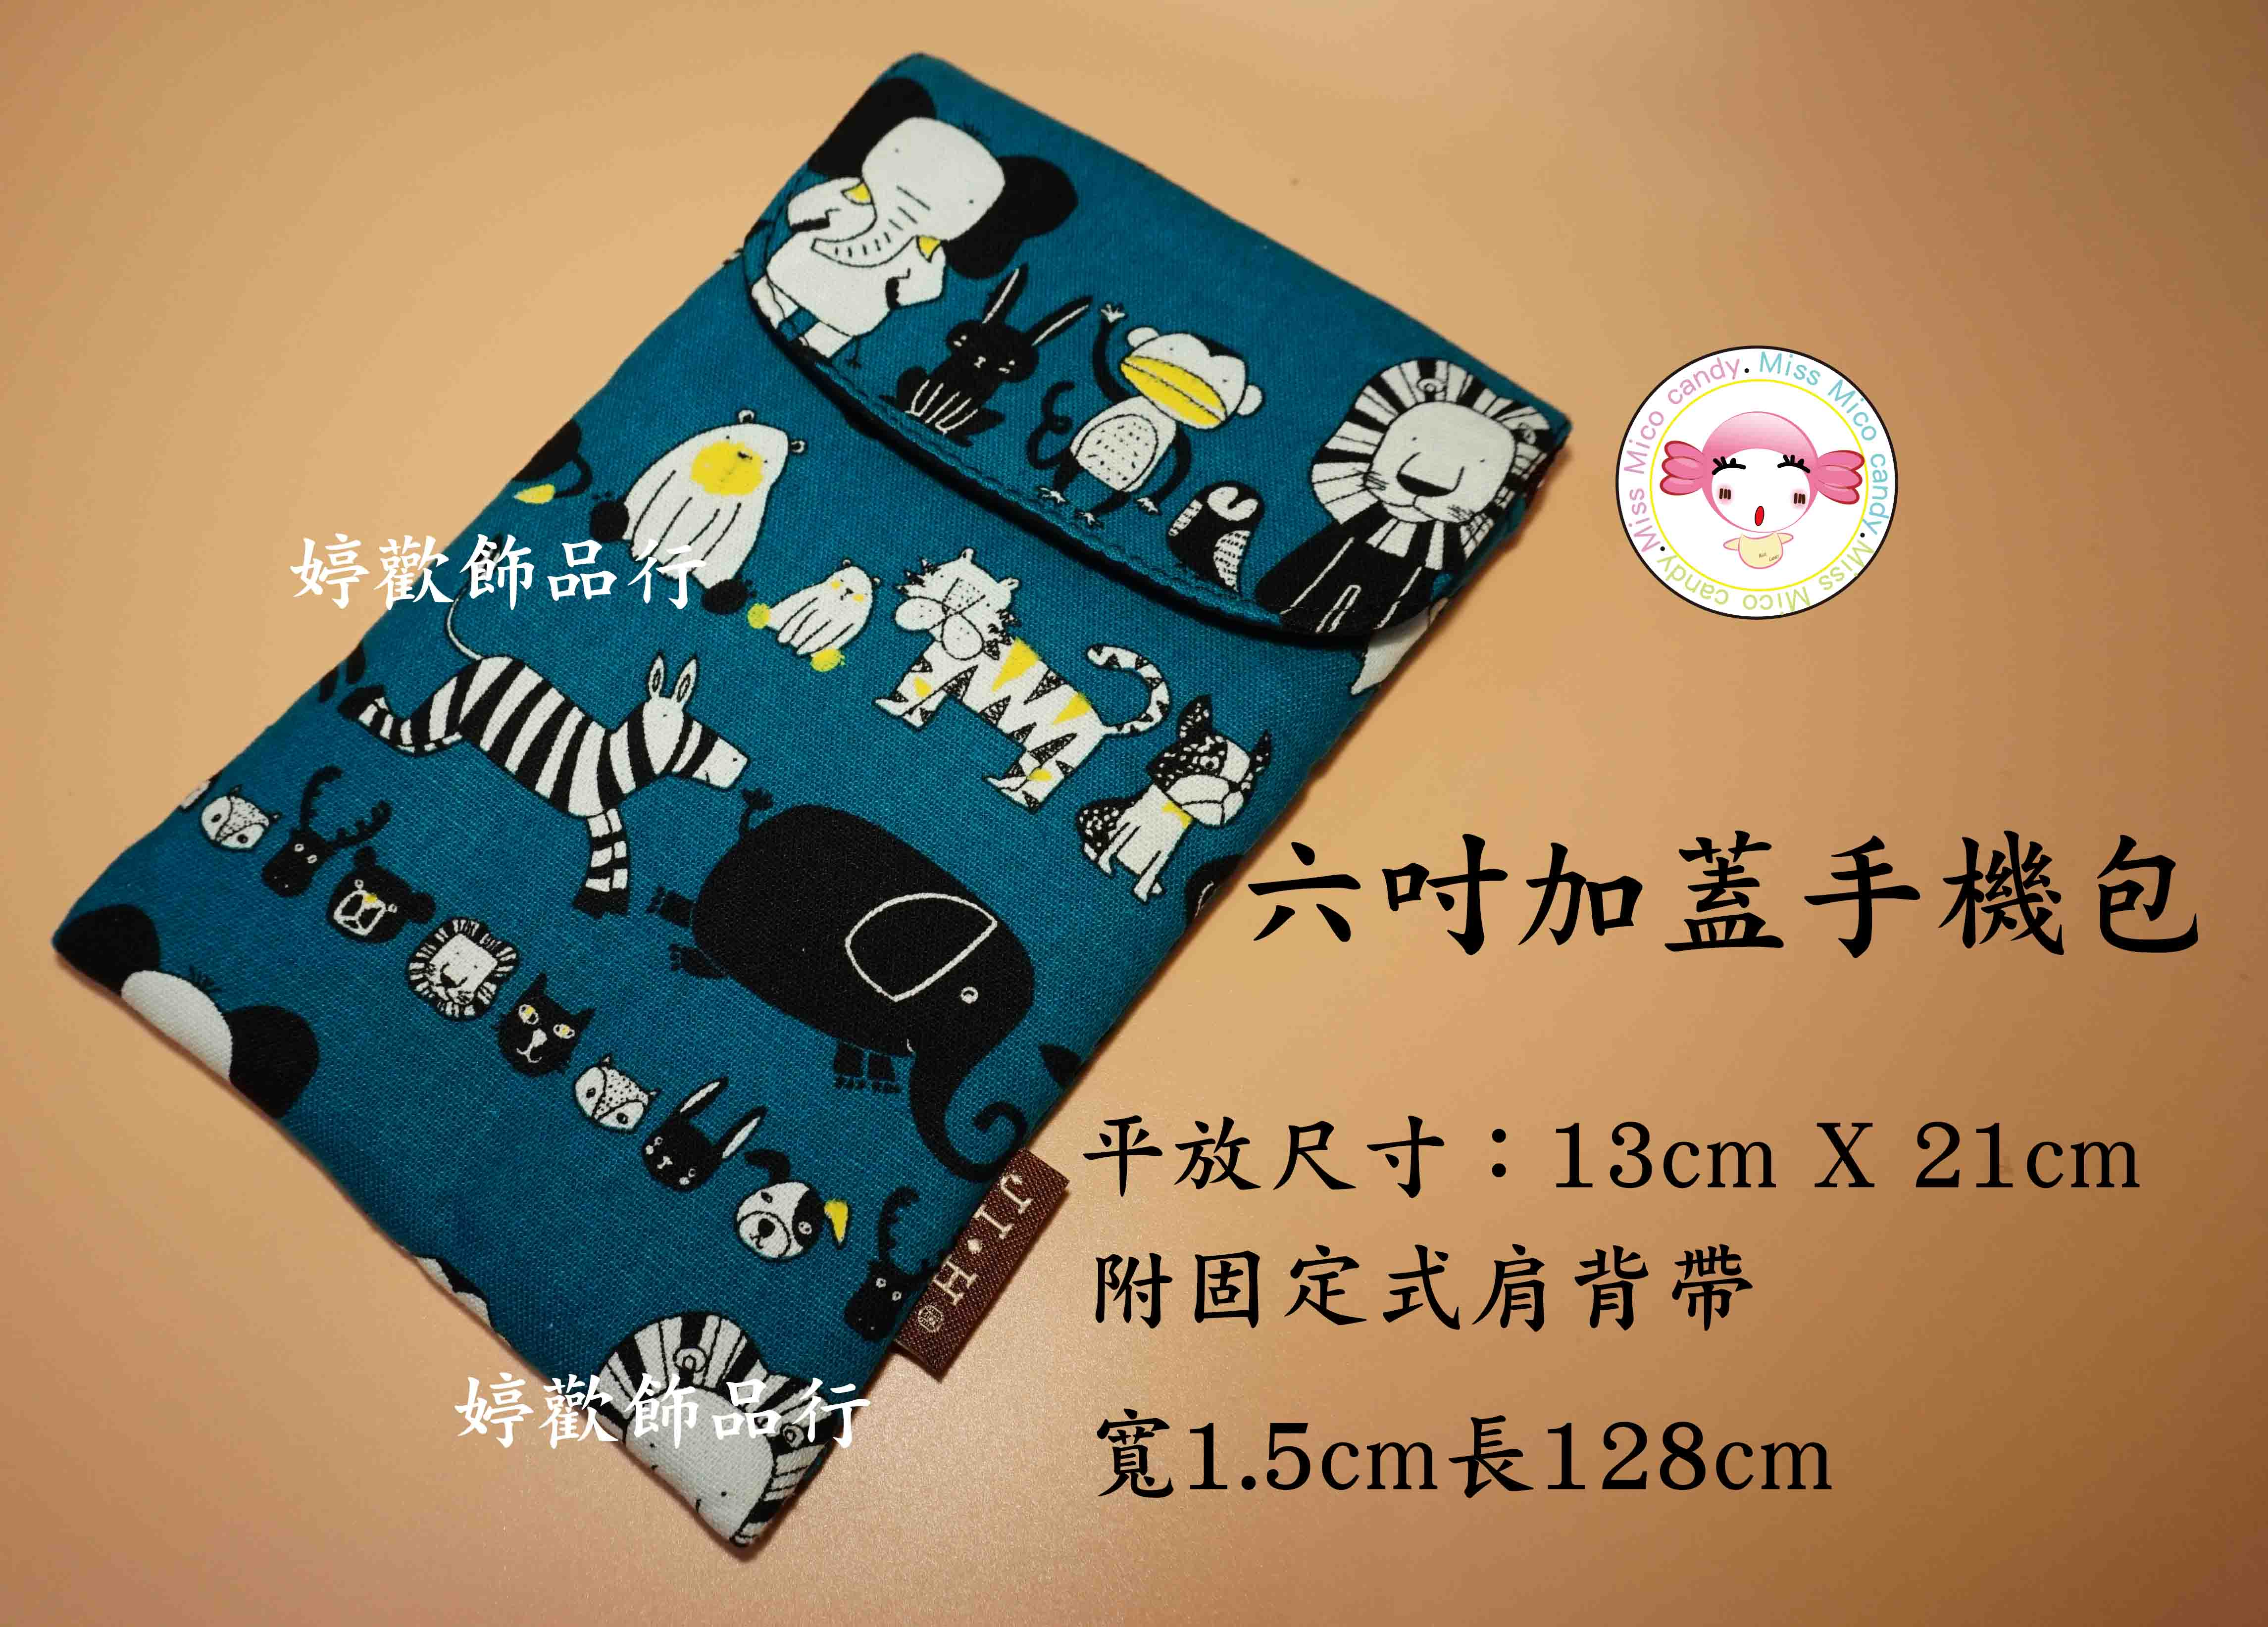 6吋加蓋側背手機袋 相機包『casio zr.phone . HTC . Samsung . 小米機.sony』/動物園